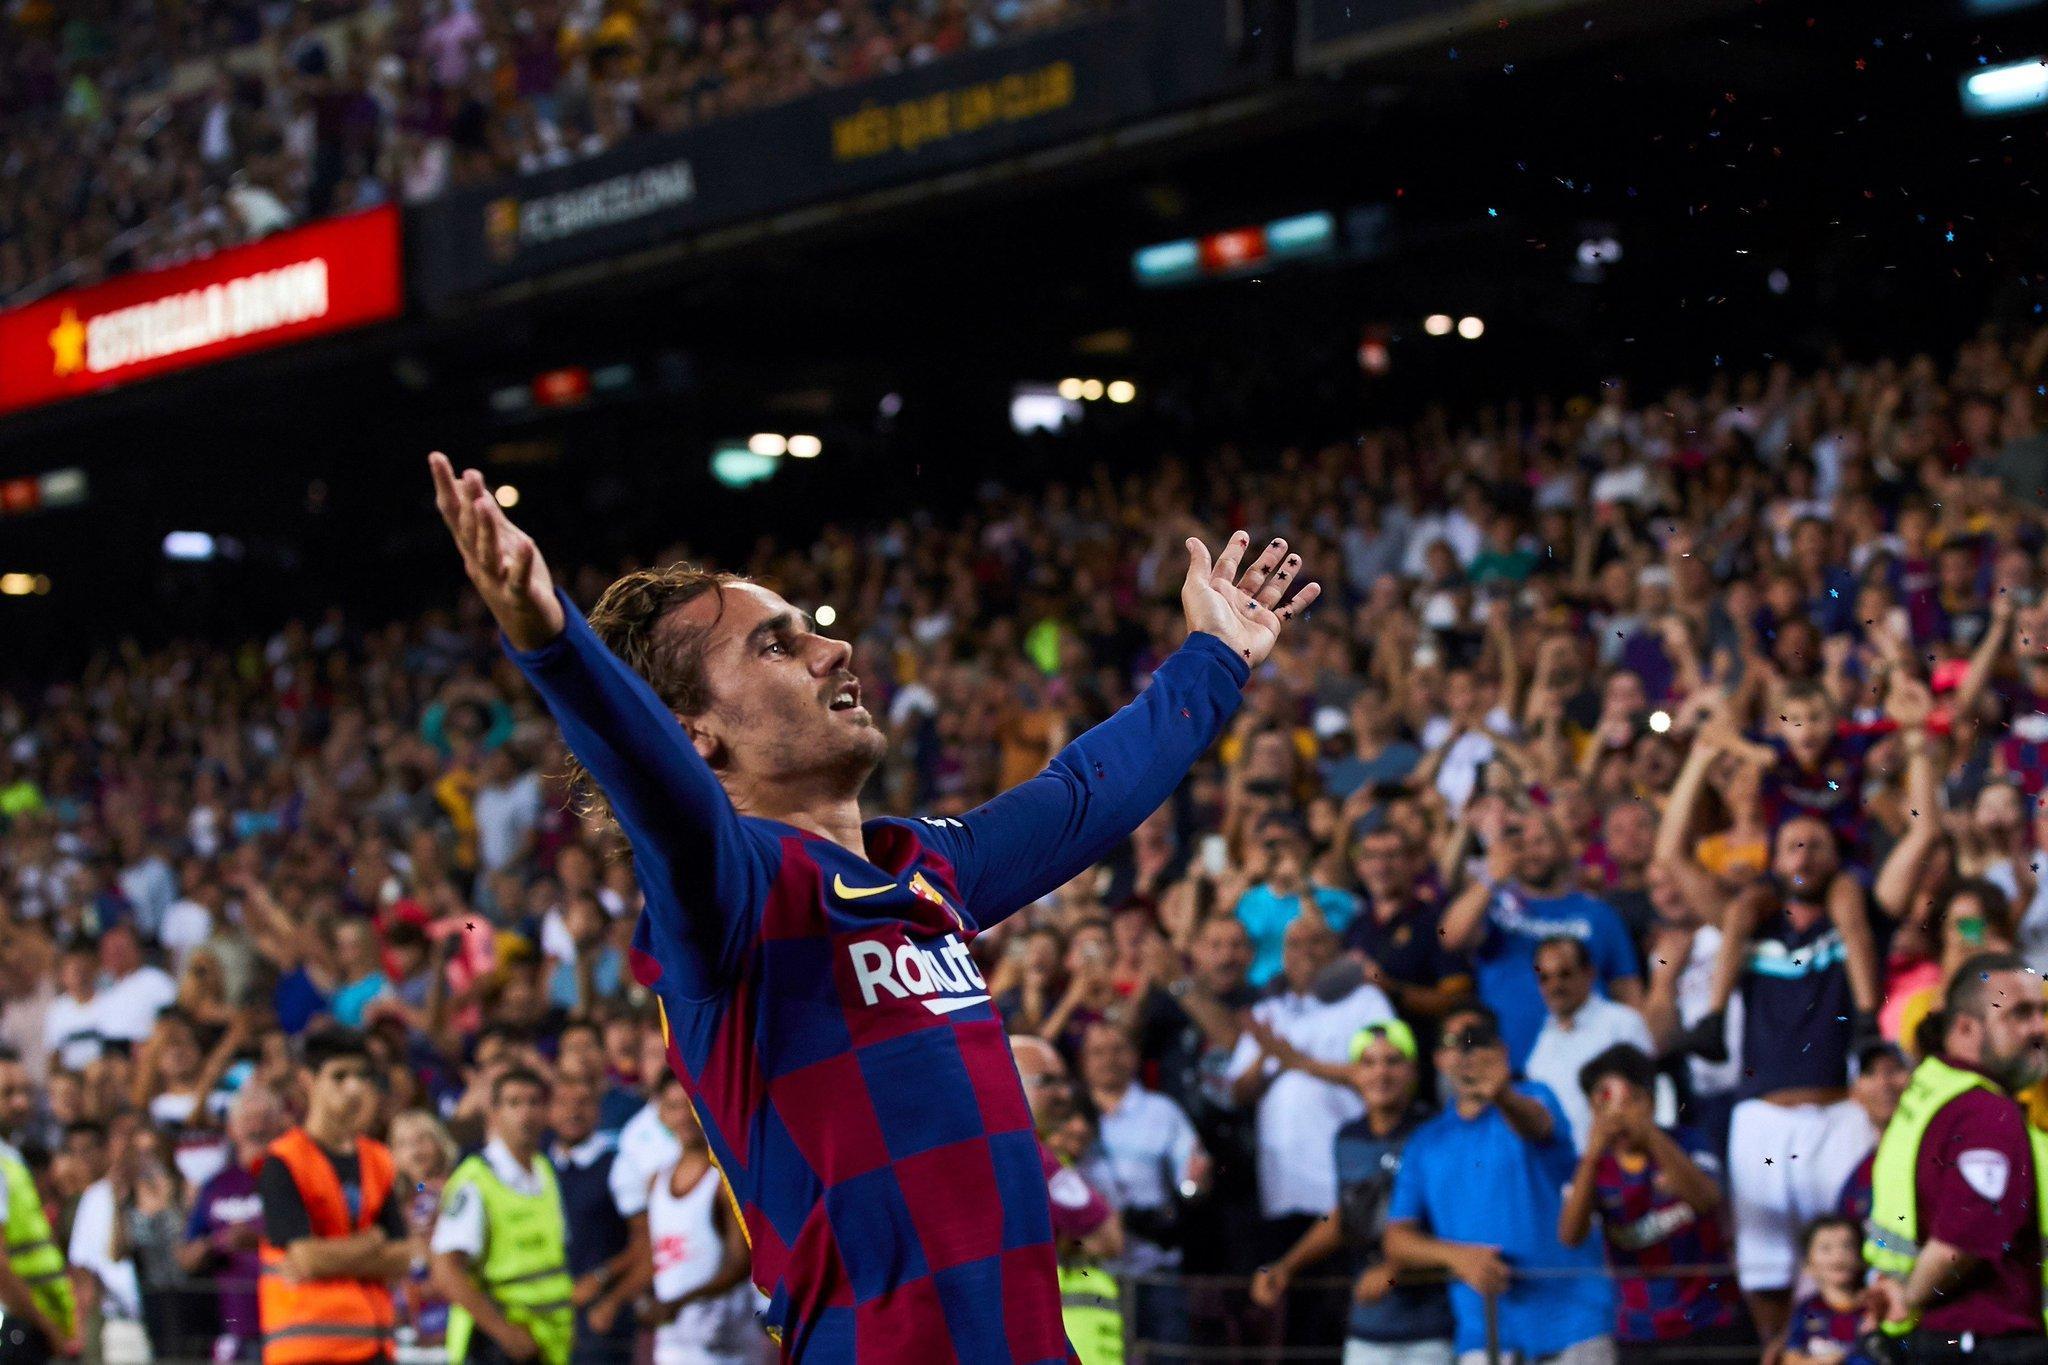 أهداف فوز برشلونة على ريال بيتيس